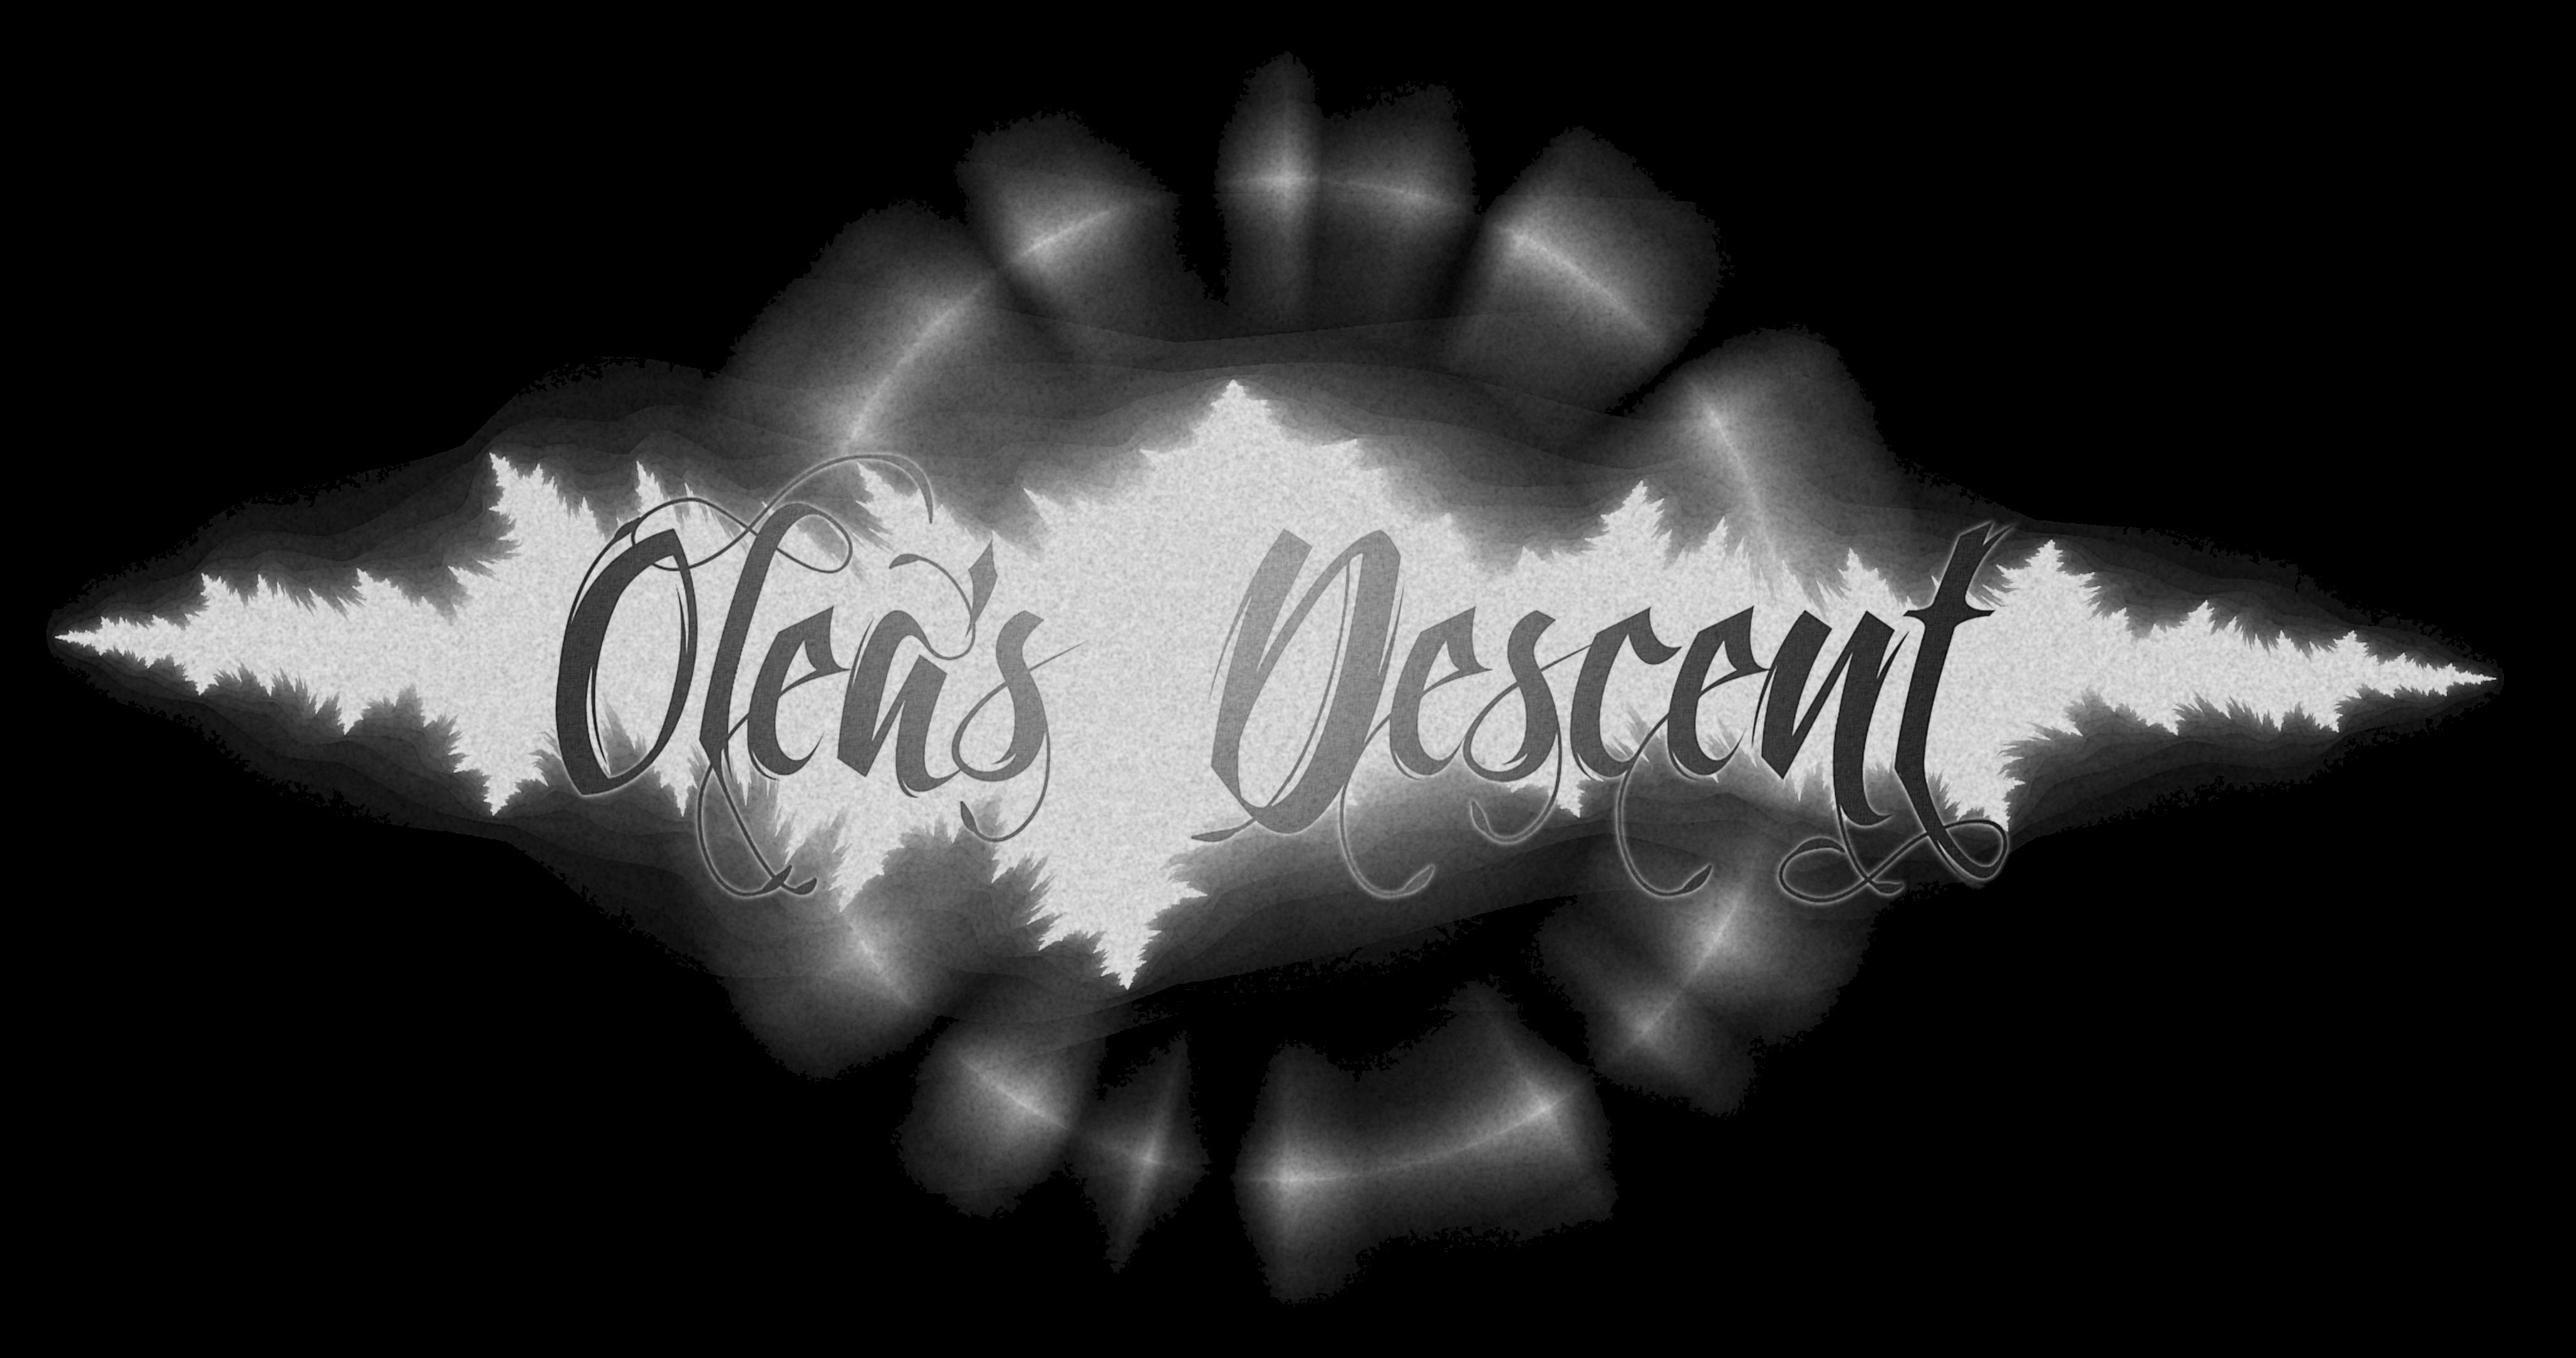 Olea's Descent